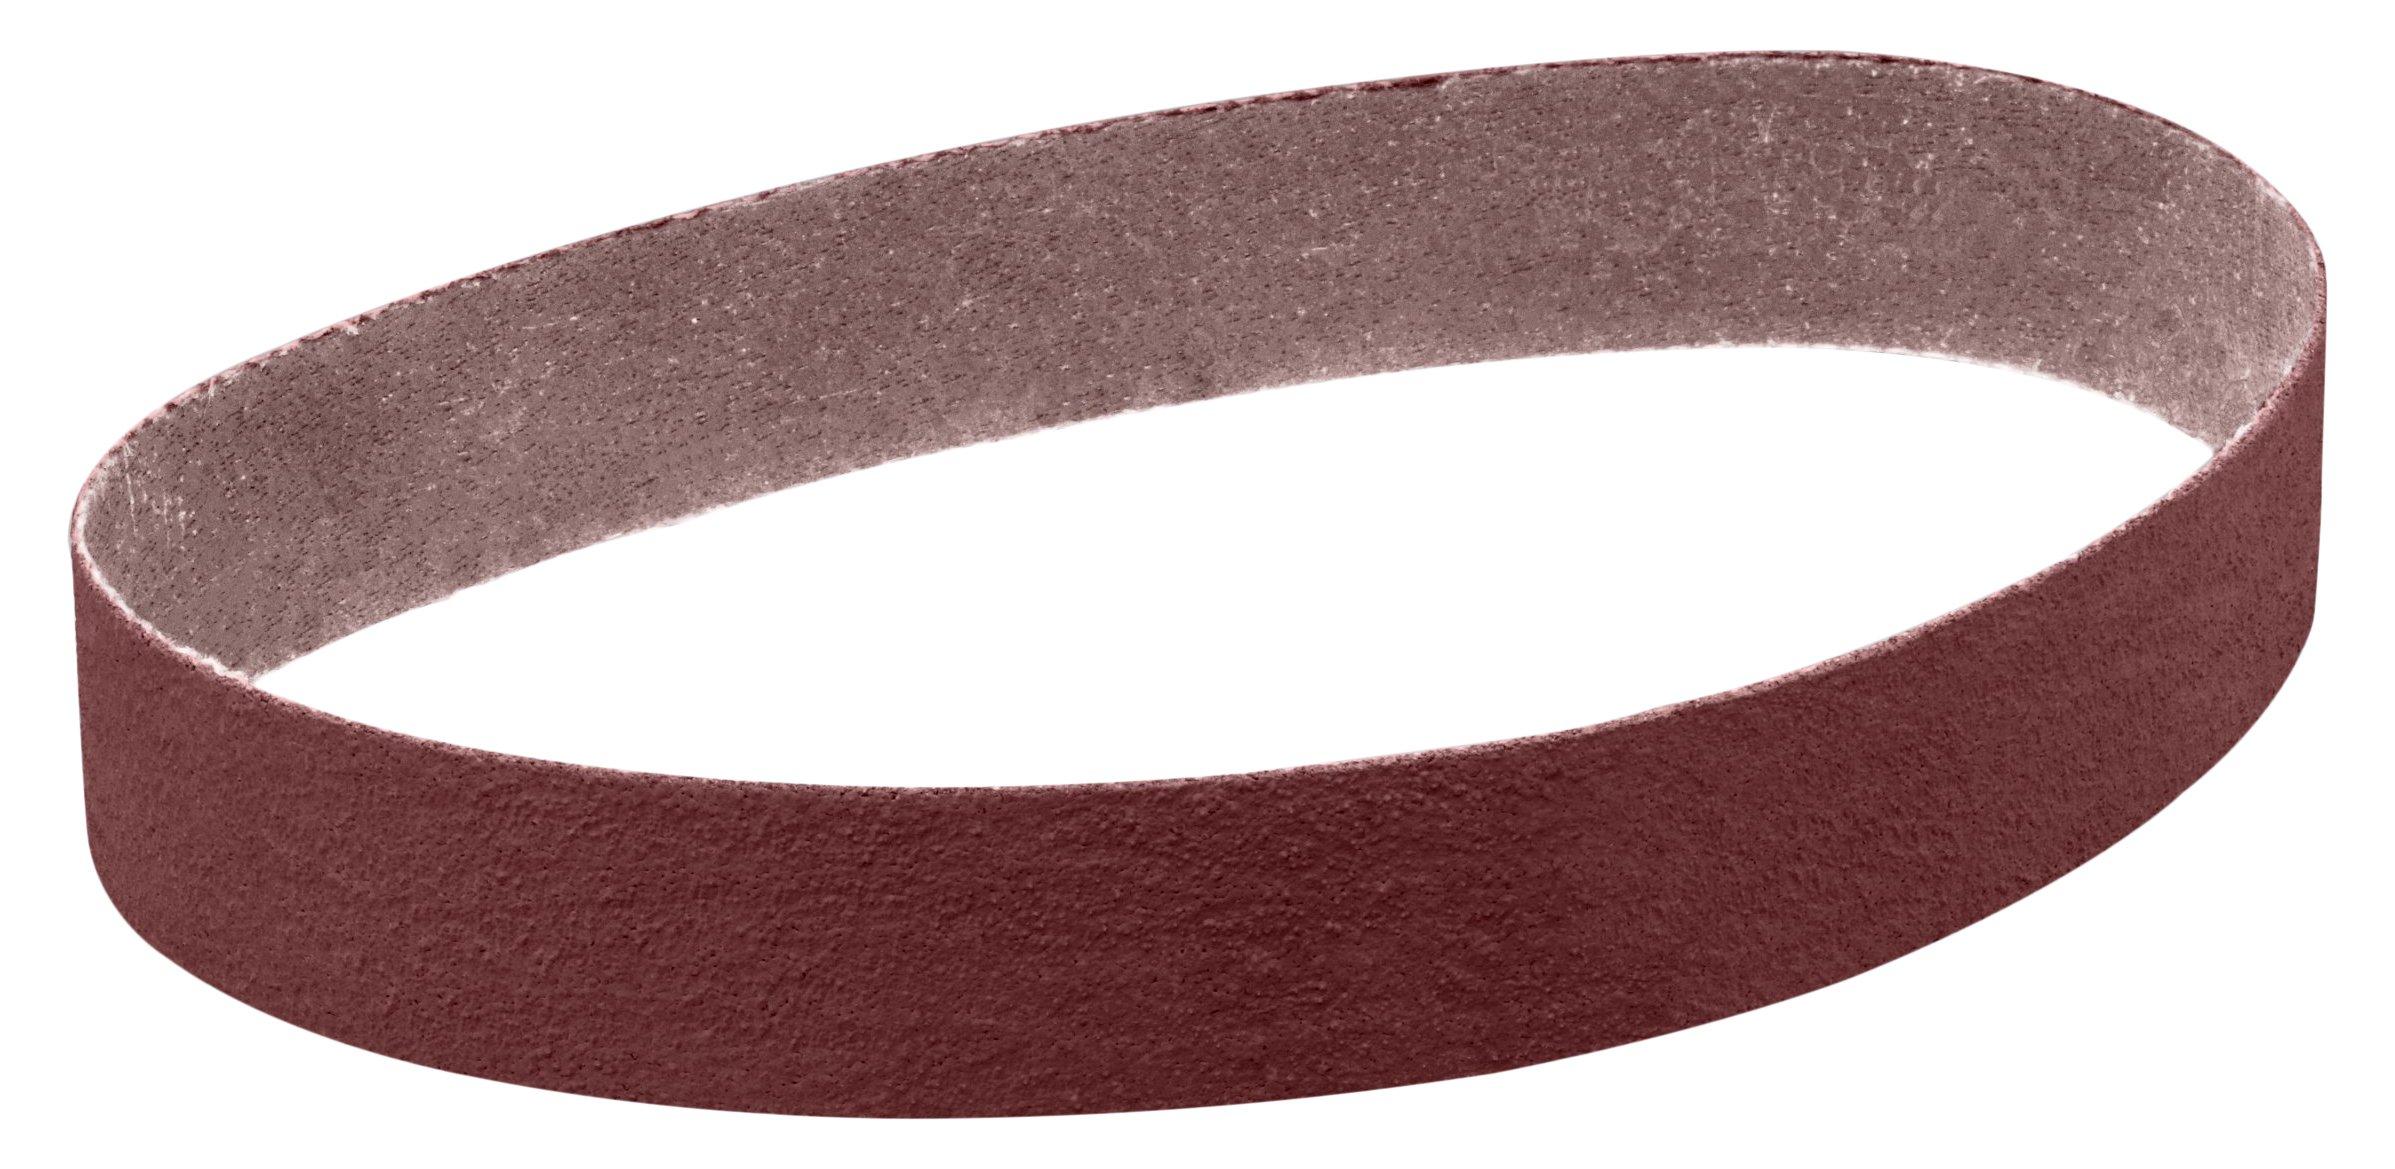 3M 25779-case Cloth Belt 341D, P320 X-Weight, 2'' x 132'', Aluminum Oxide, Brown (Pack of 50)